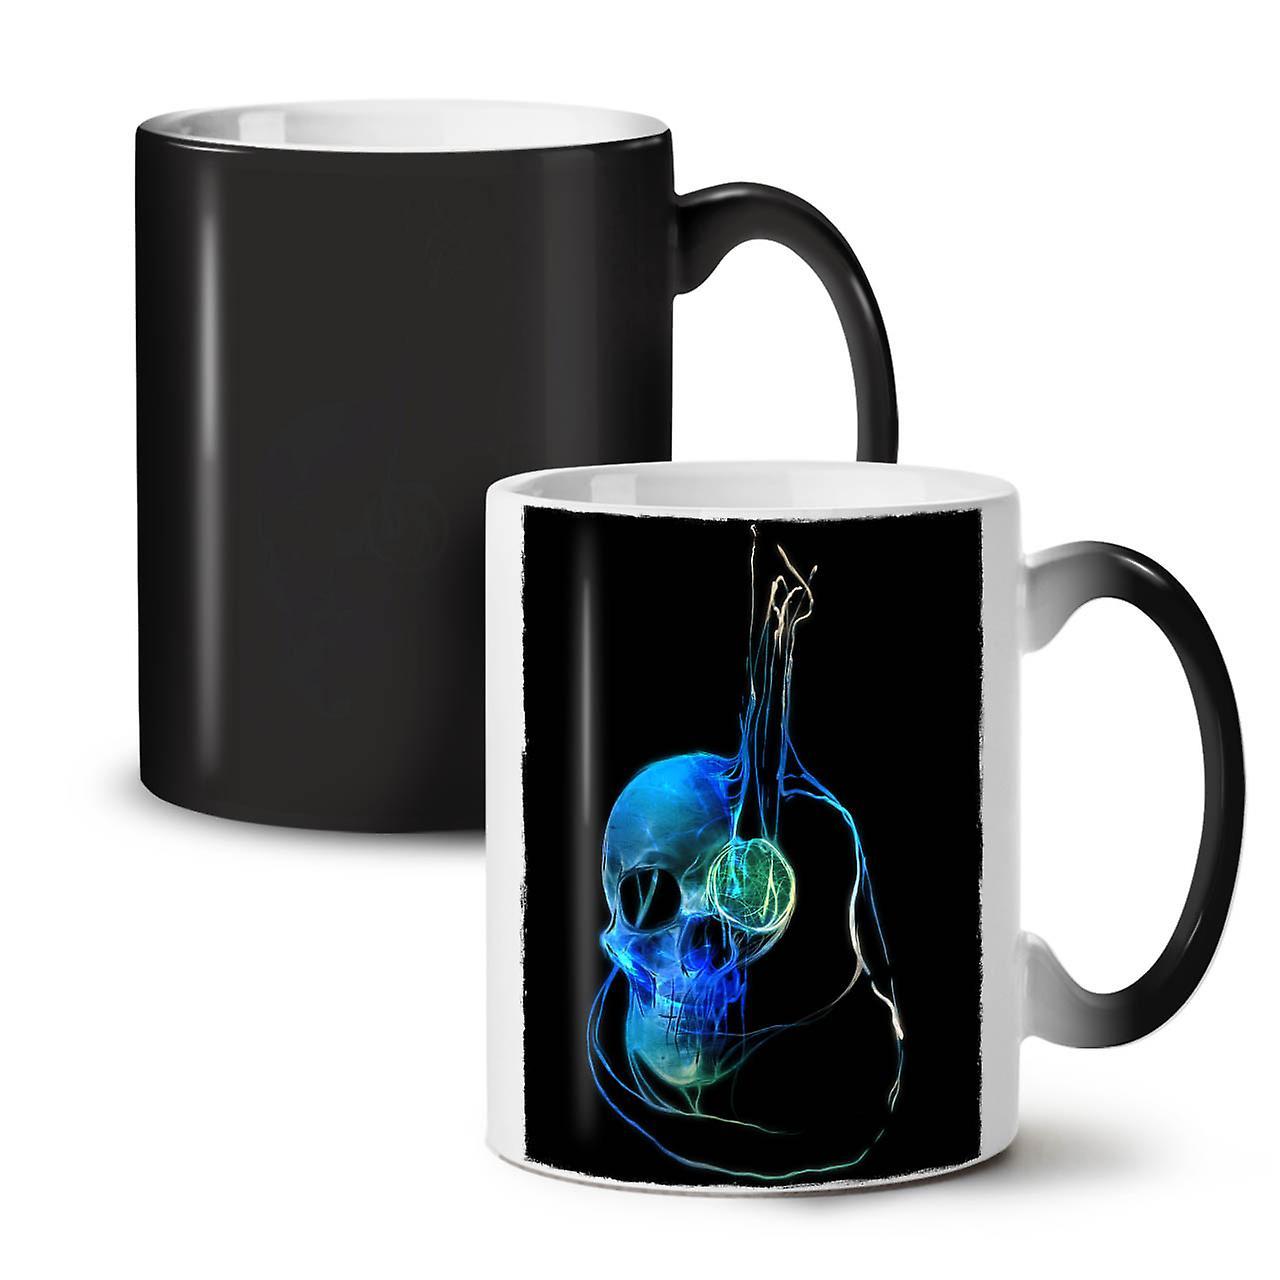 Céramique Art Noir De Musique Tasse 11 Nouveau Changeant Couleur Guitare Thé Café OzWellcoda E29WHIDY